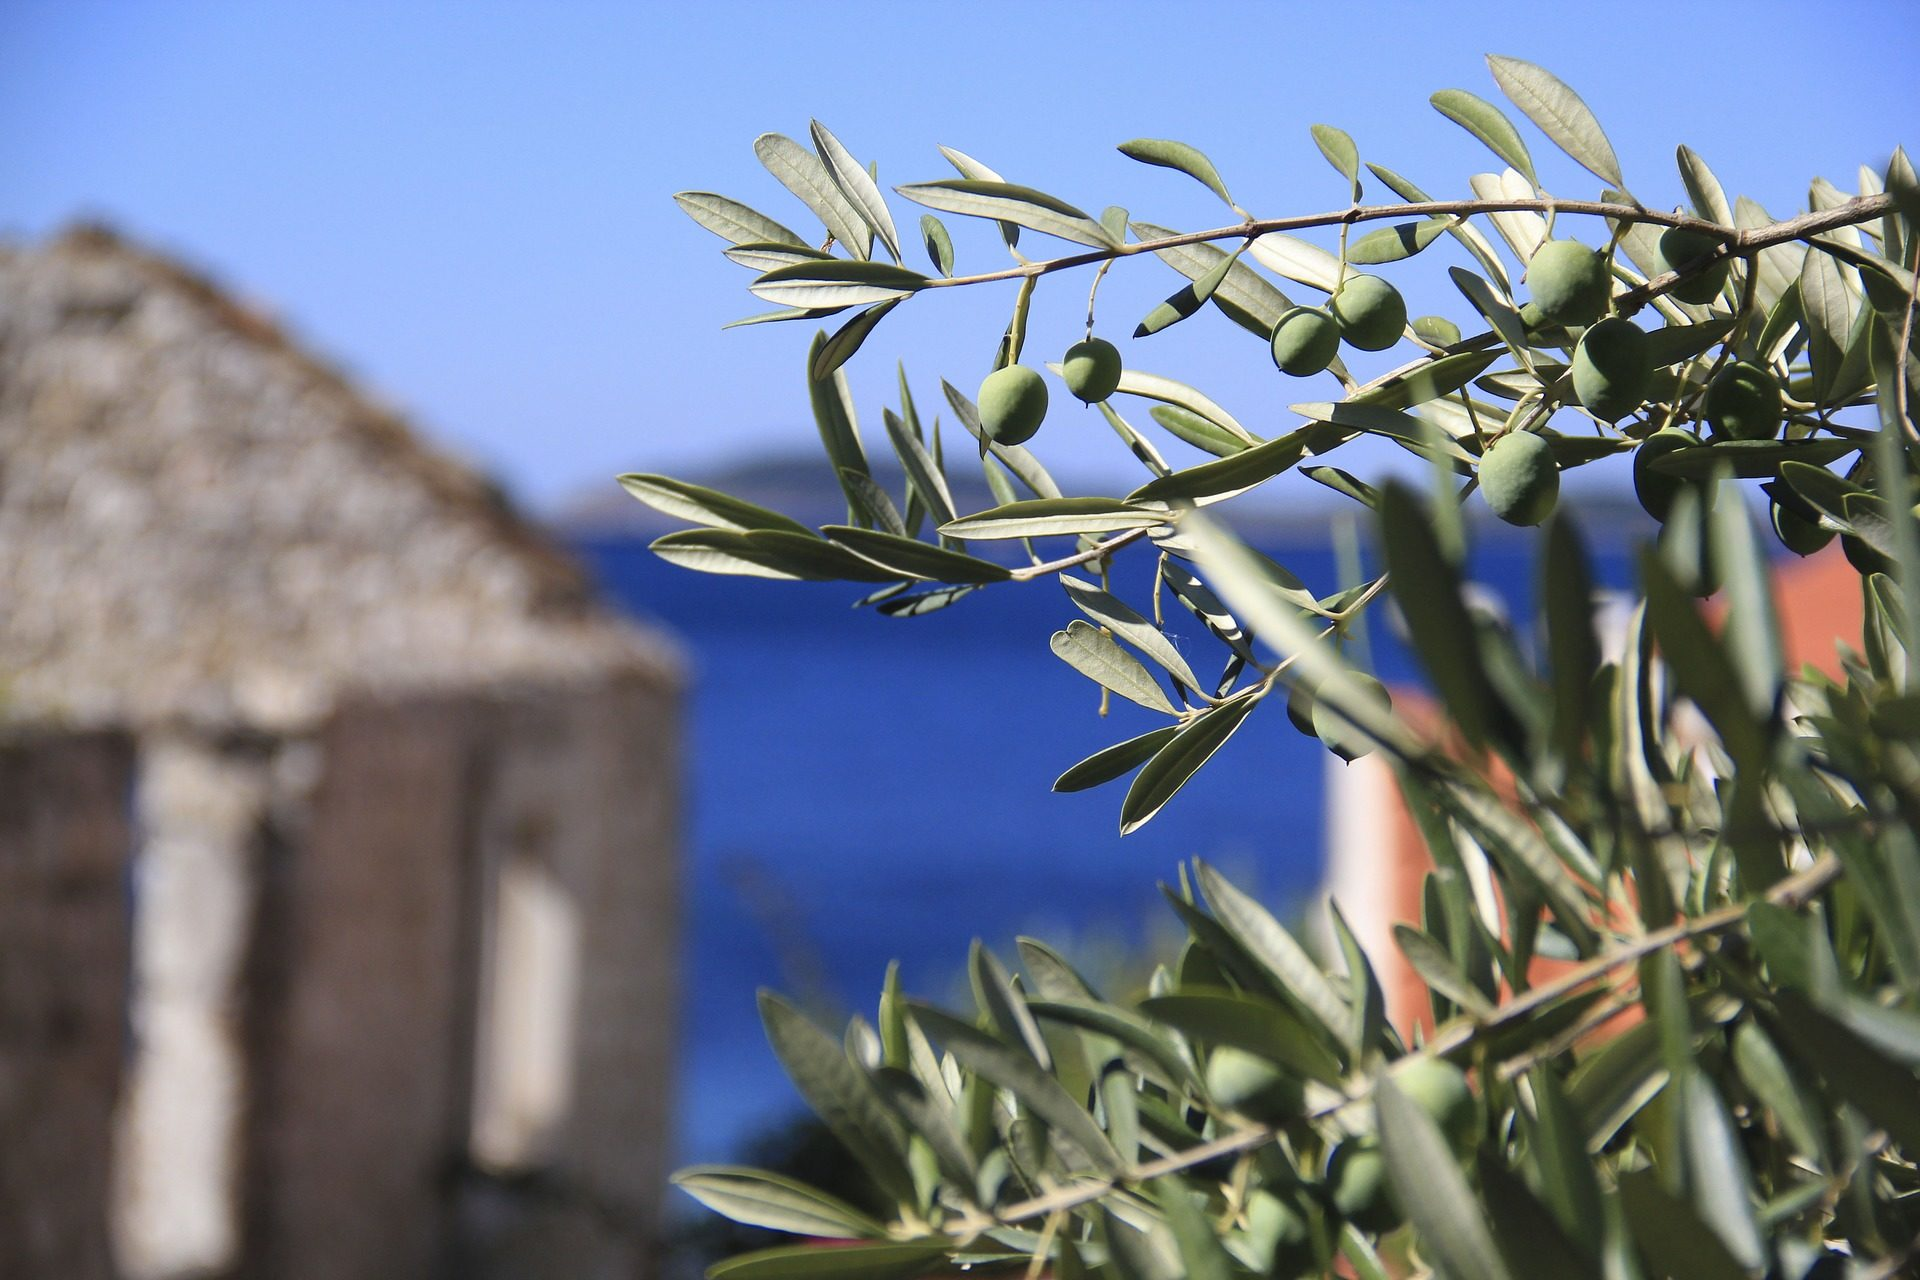 оливковое, оливки, дерево, филиалы, листья, принято, Средиземноморье - Обои HD - Профессор falken.com